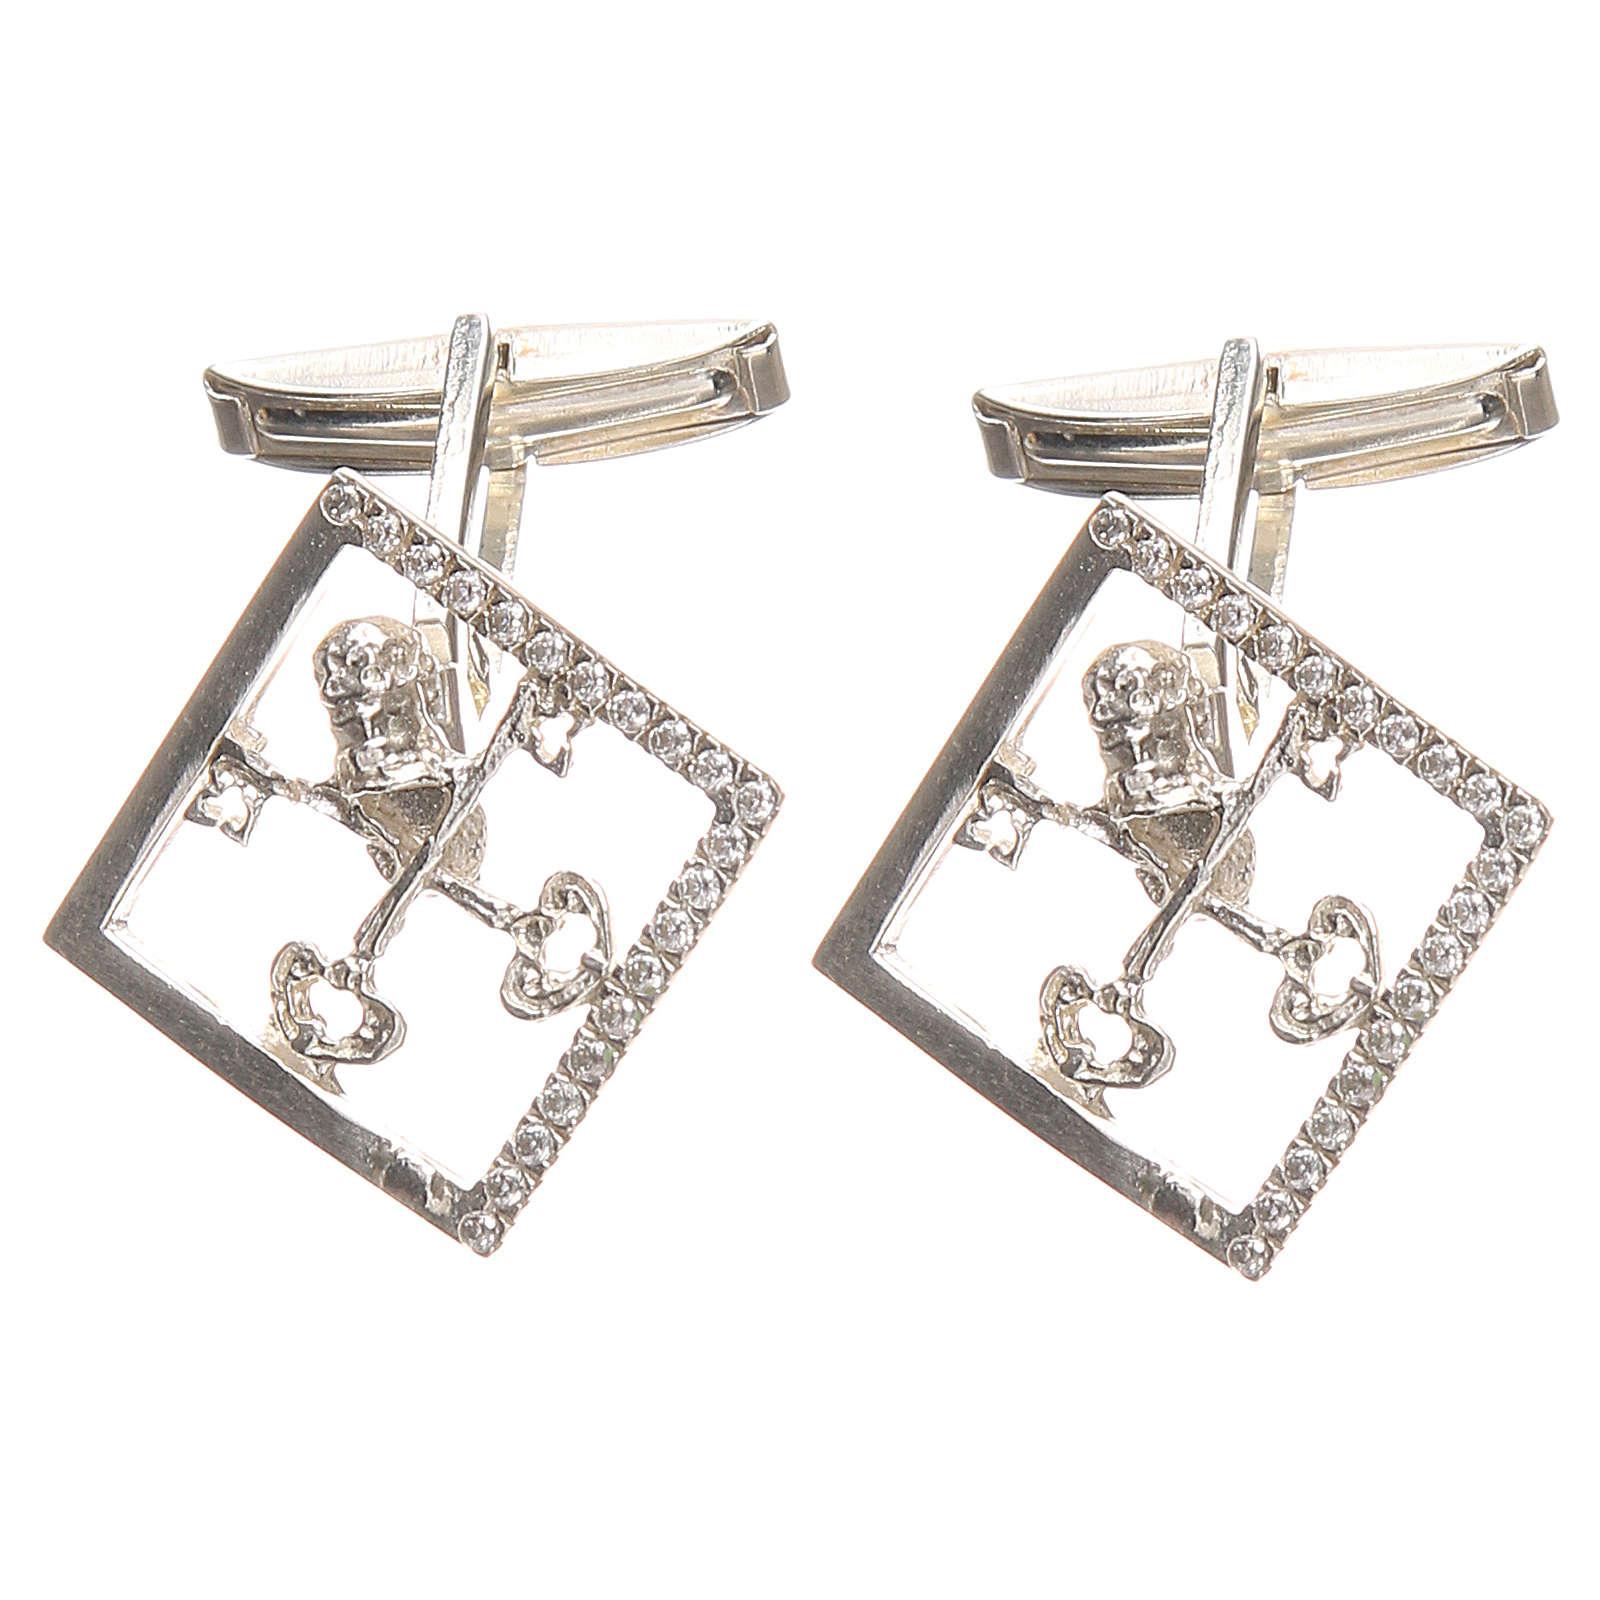 Manschettenknöpfe Silber 925 Schlüssel 1,7x1,7cm 4